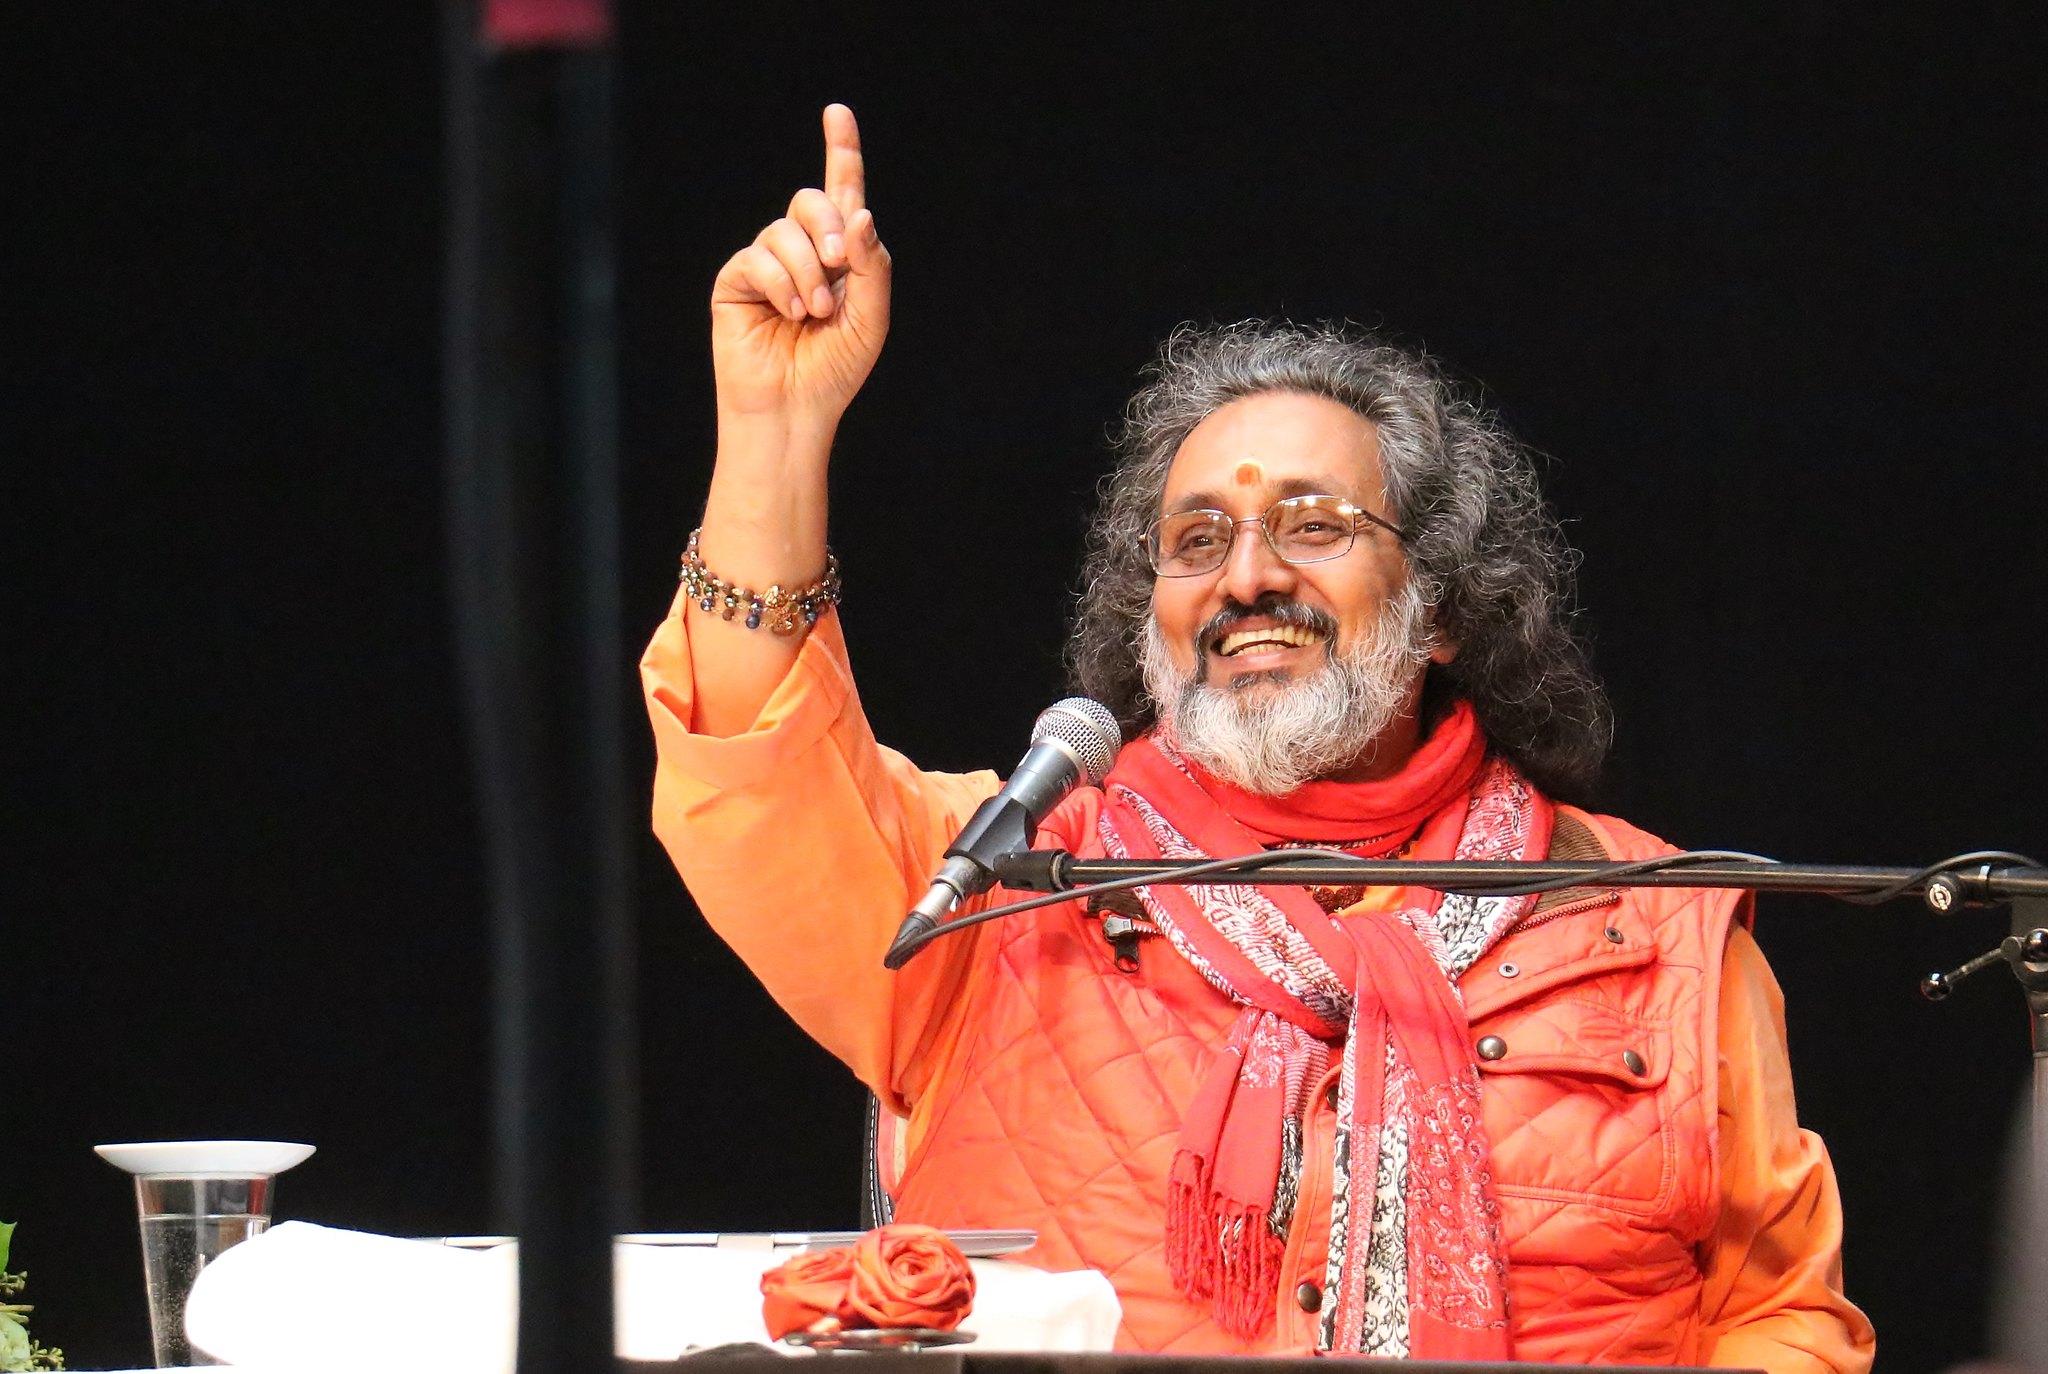 Charla de Swami Amritaswarupananda Puri en la cumbre de 2018